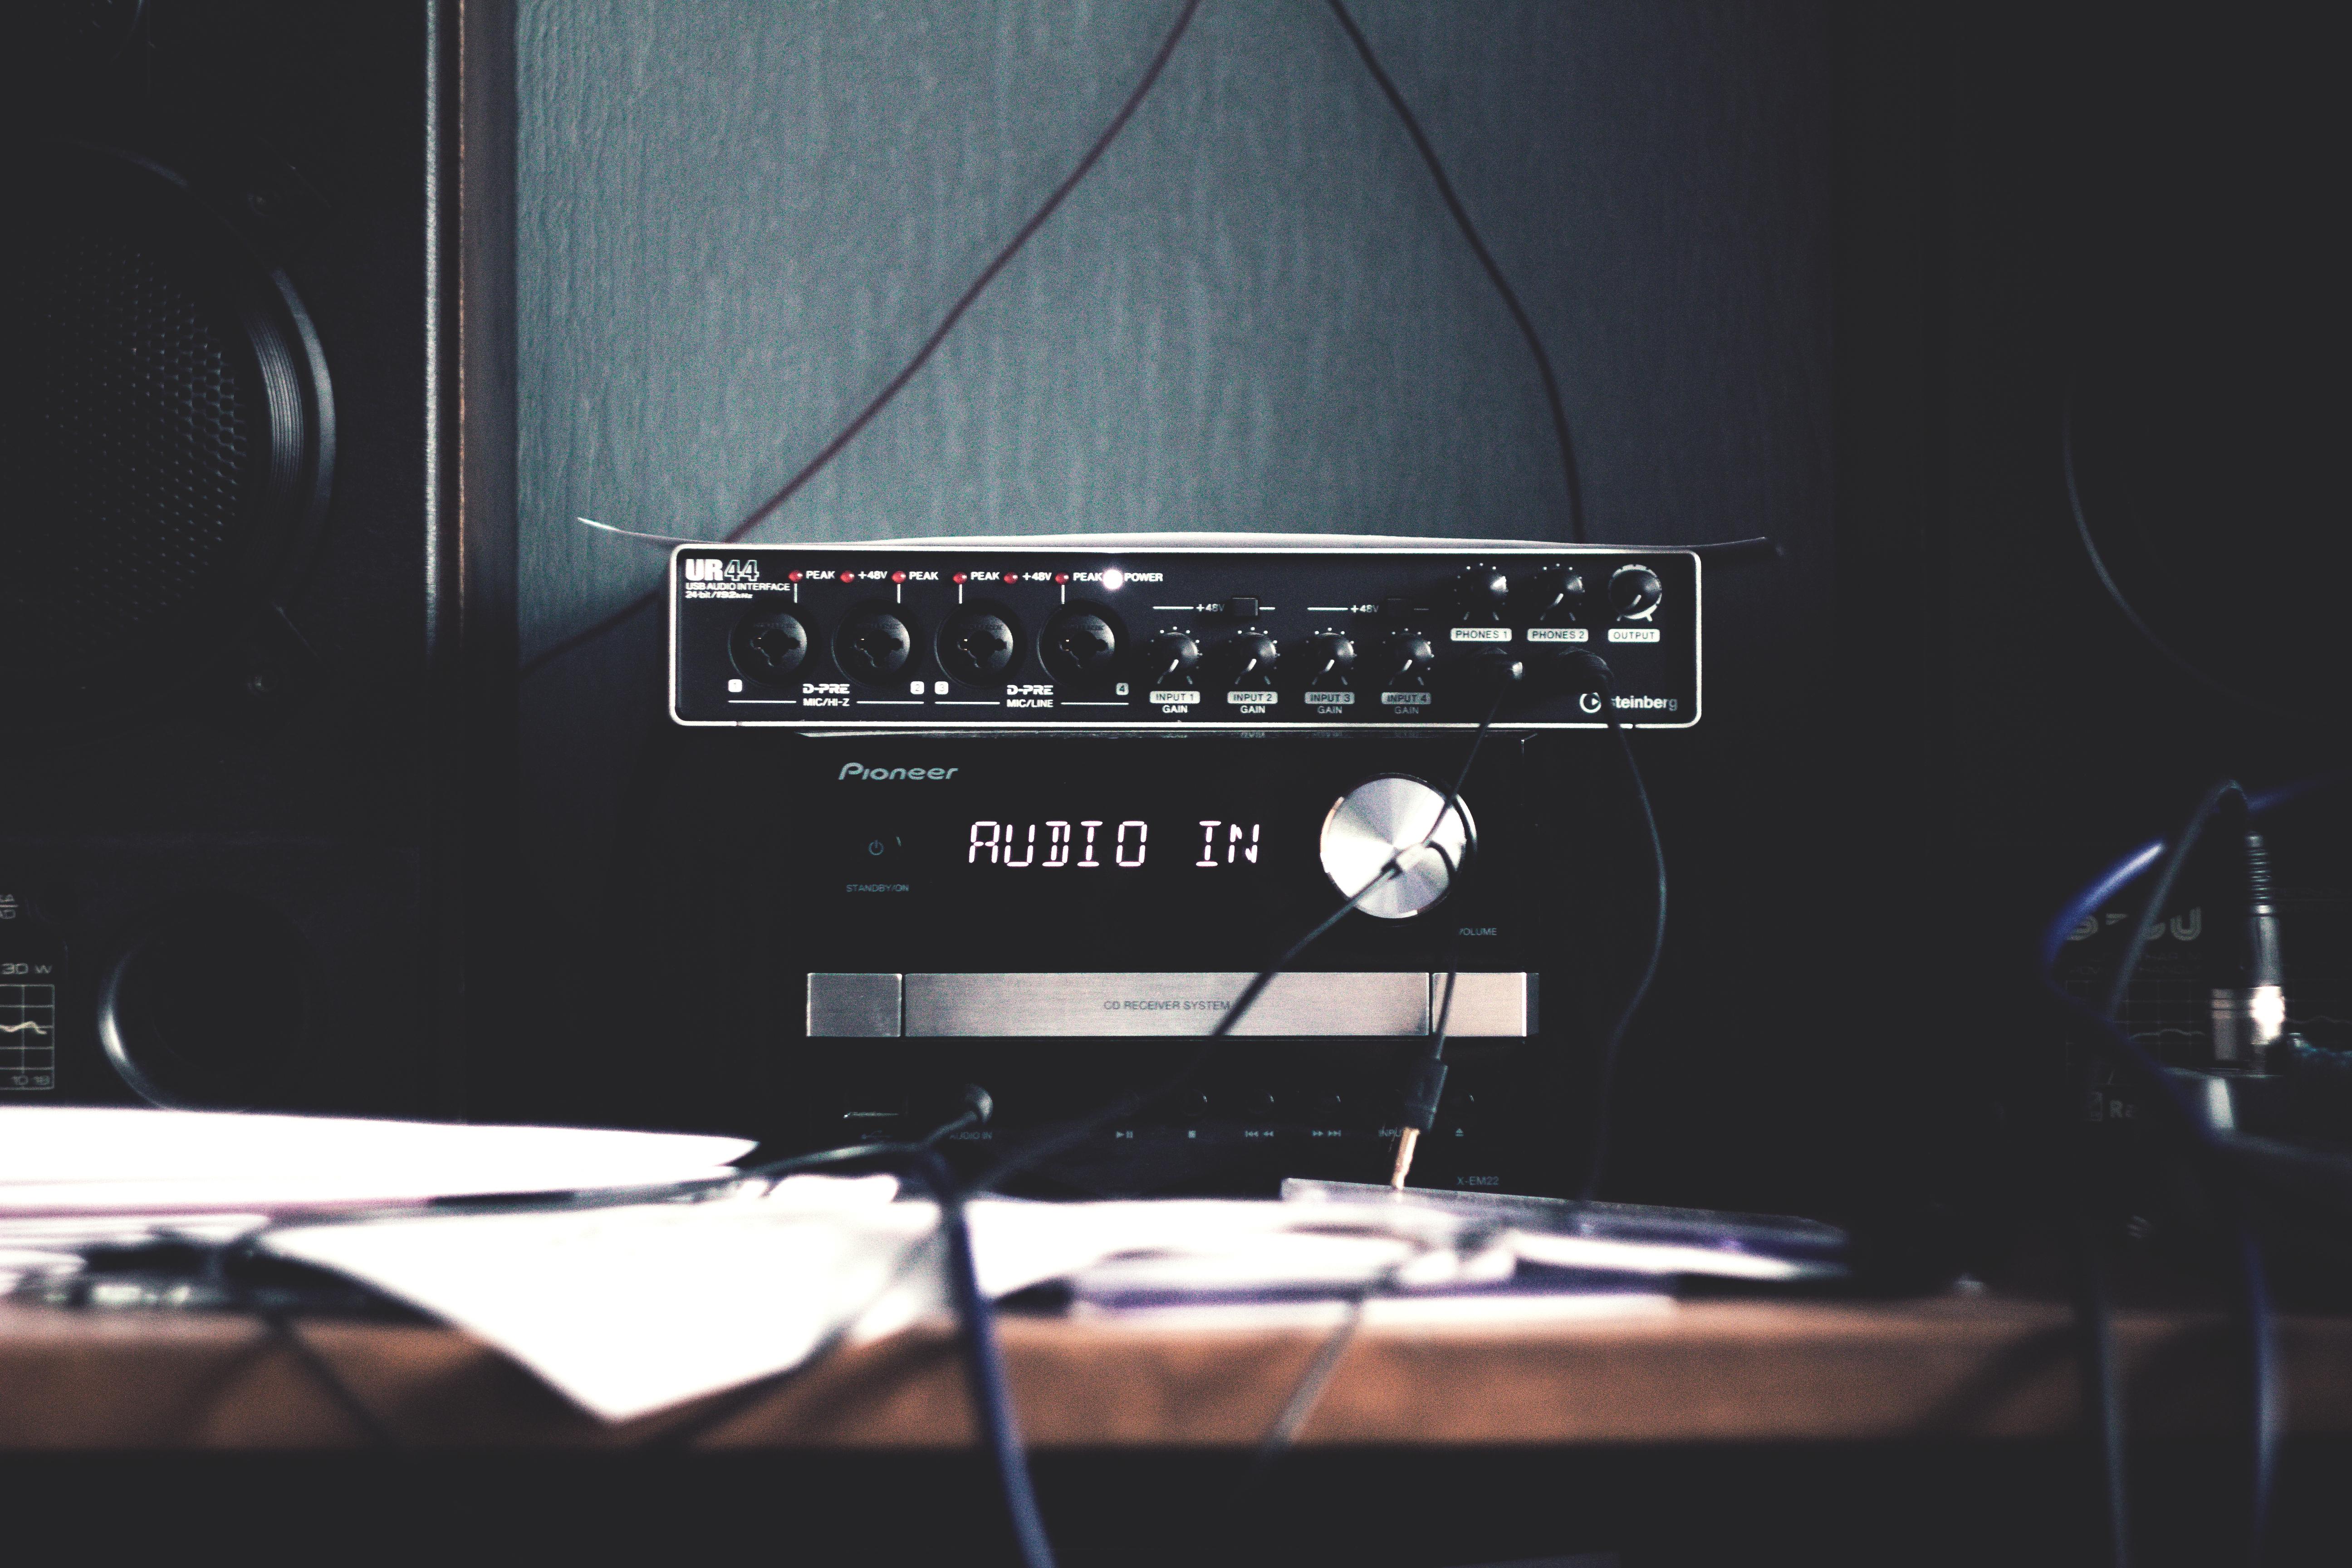 Aparato de sonido